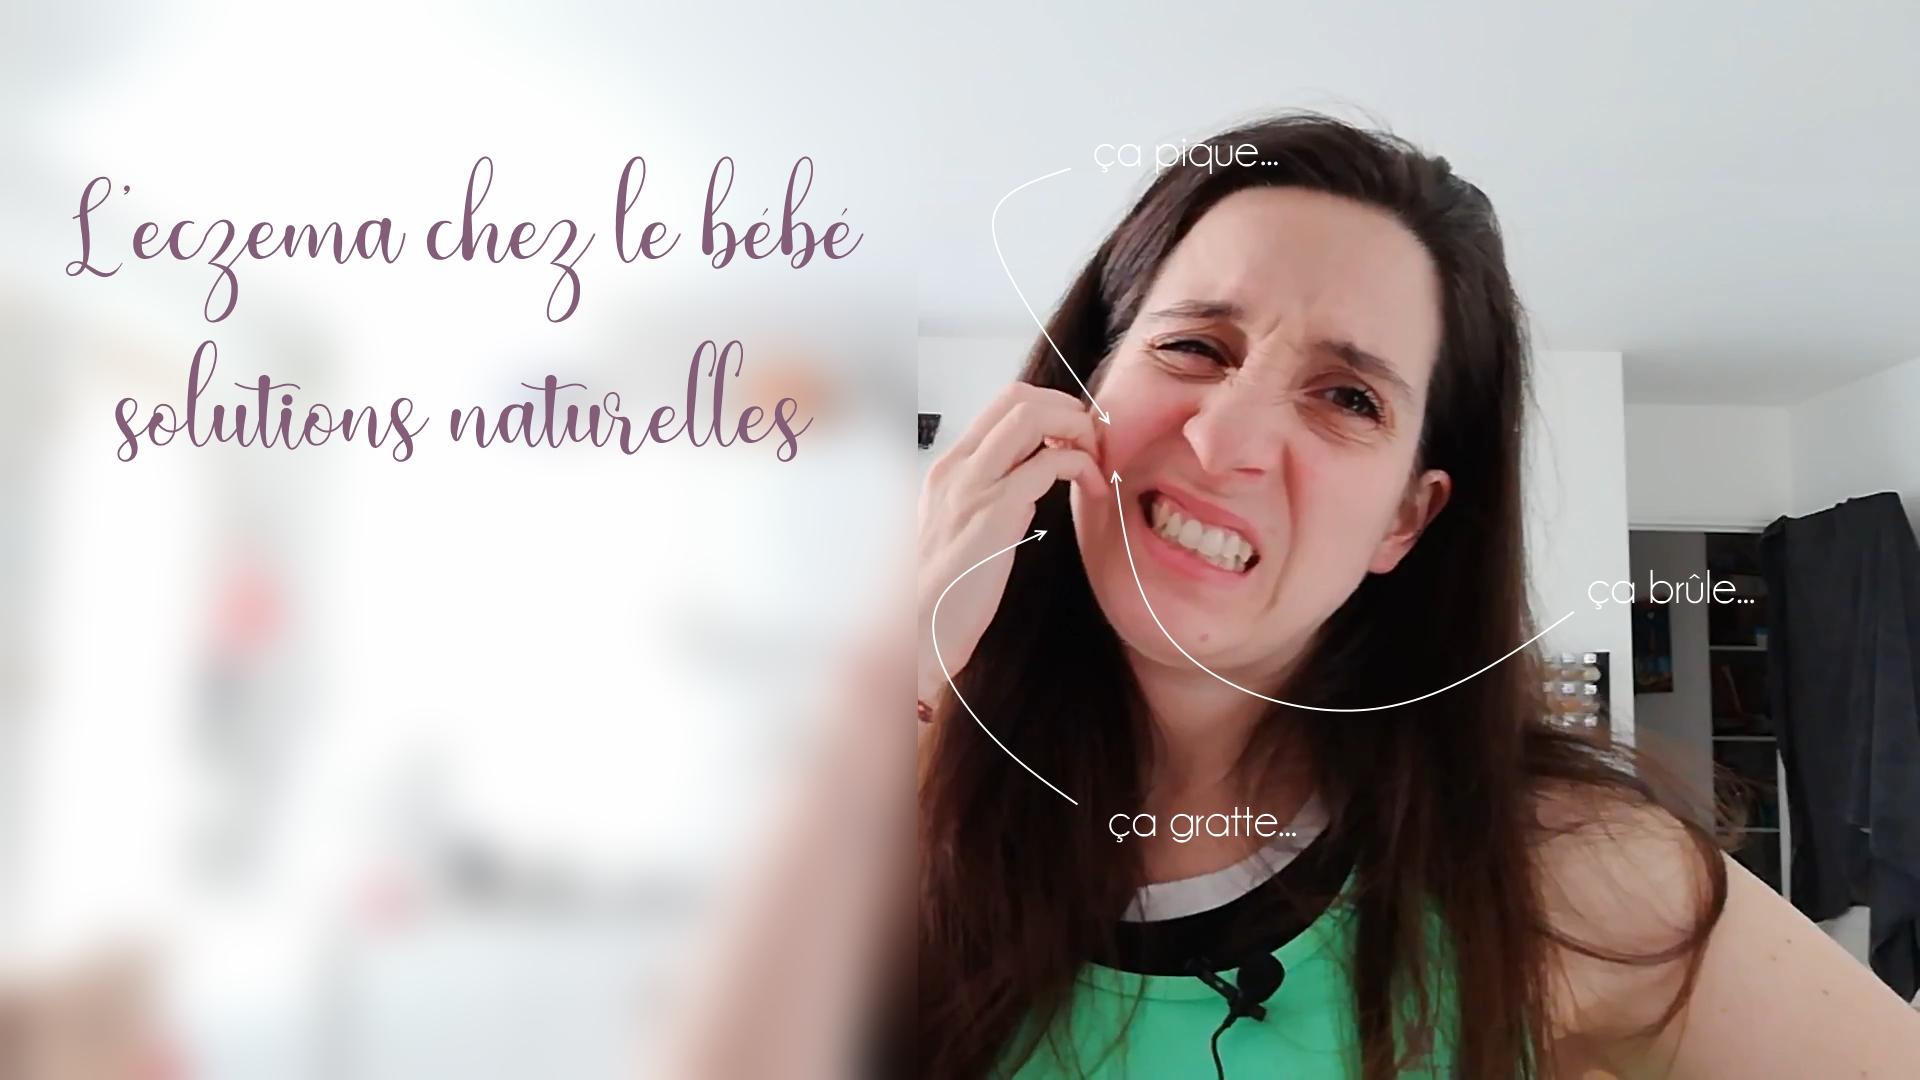 VIDEO : L'eczéma chez le bébé